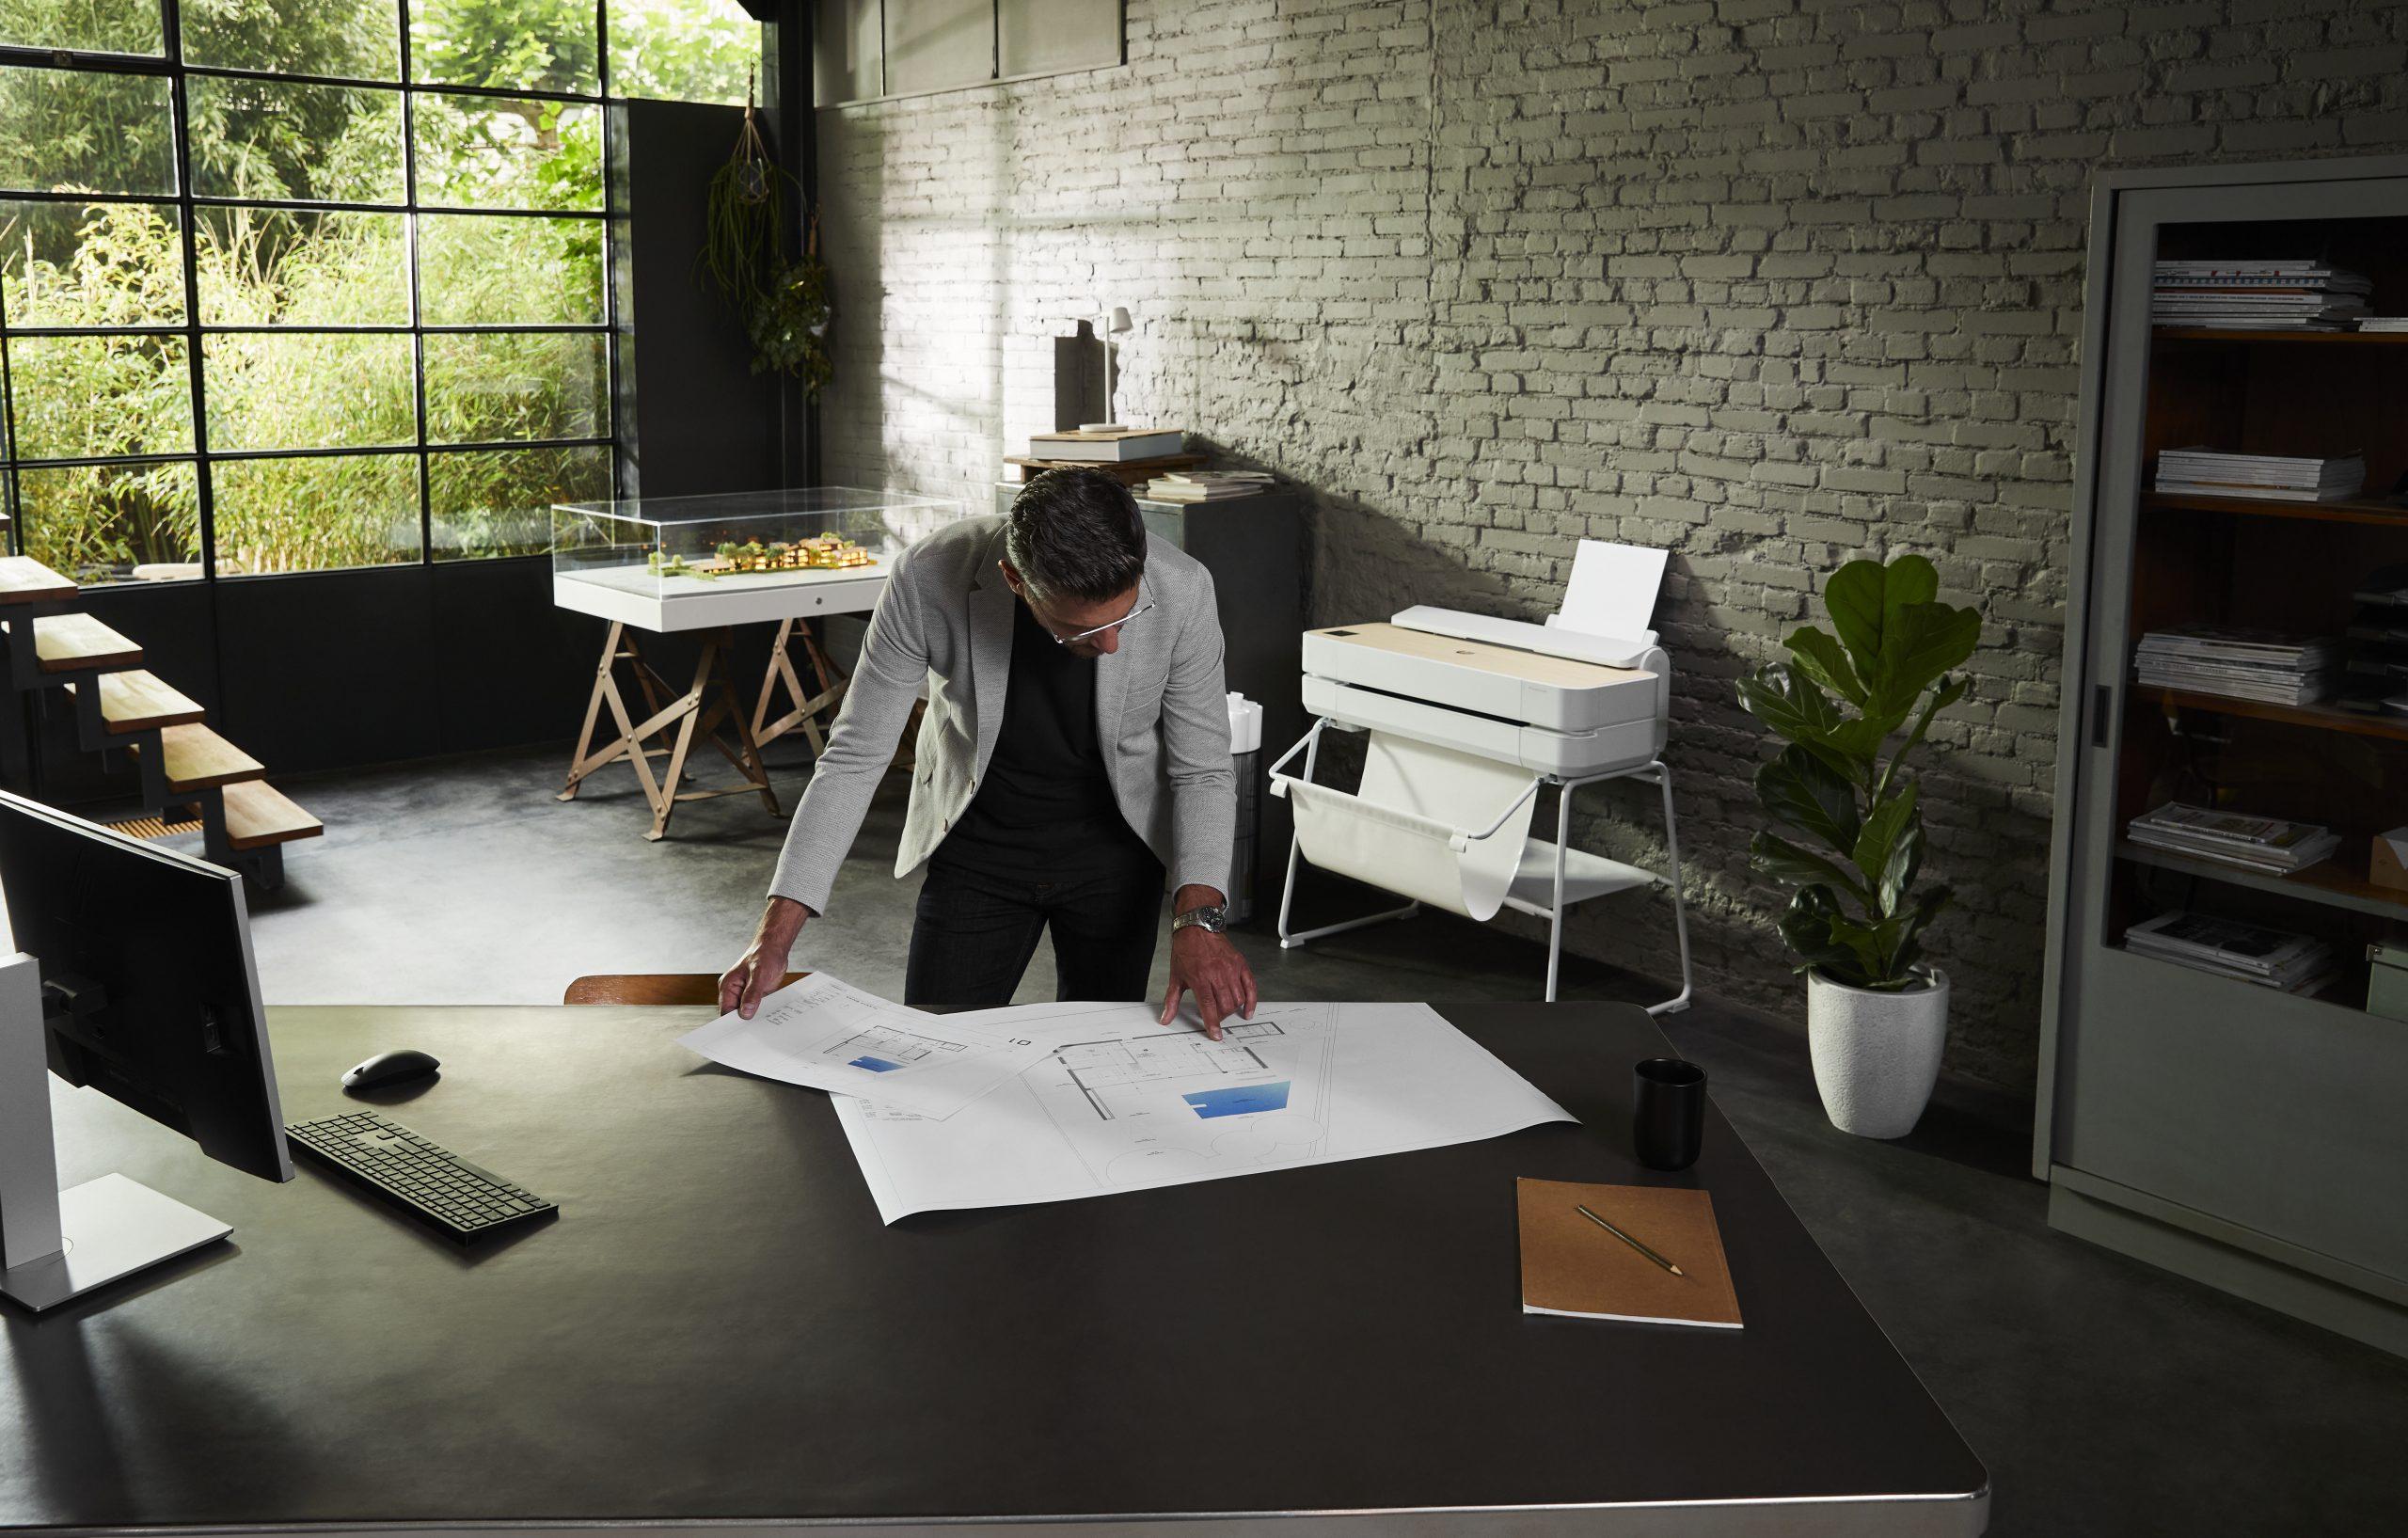 engenheiro trabalhando em mesa de escritório de casa durante a pandemia Imagem da HP